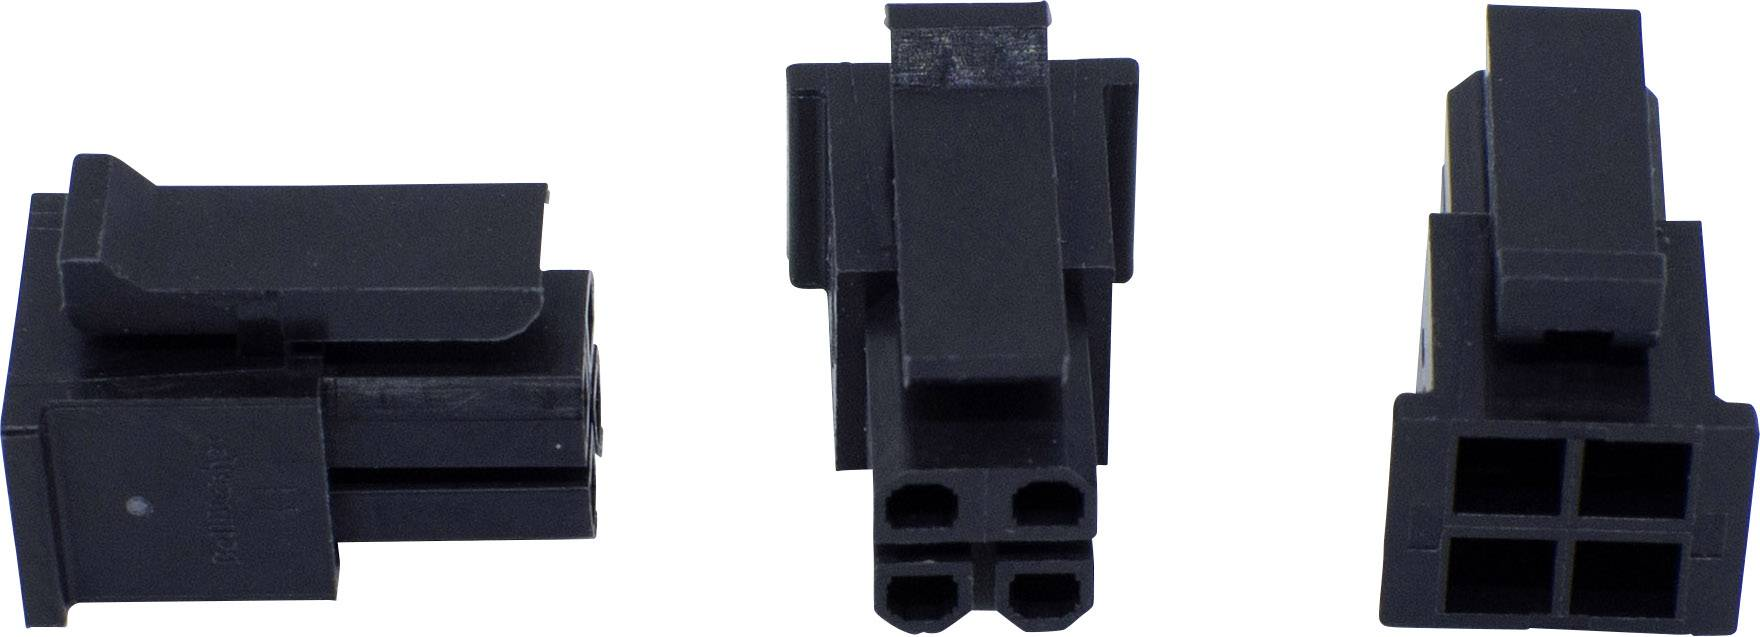 Zásuvkové púzdro na kábel BellWether 70093-1600, pólů 16, rozteč 3 mm, 1 ks